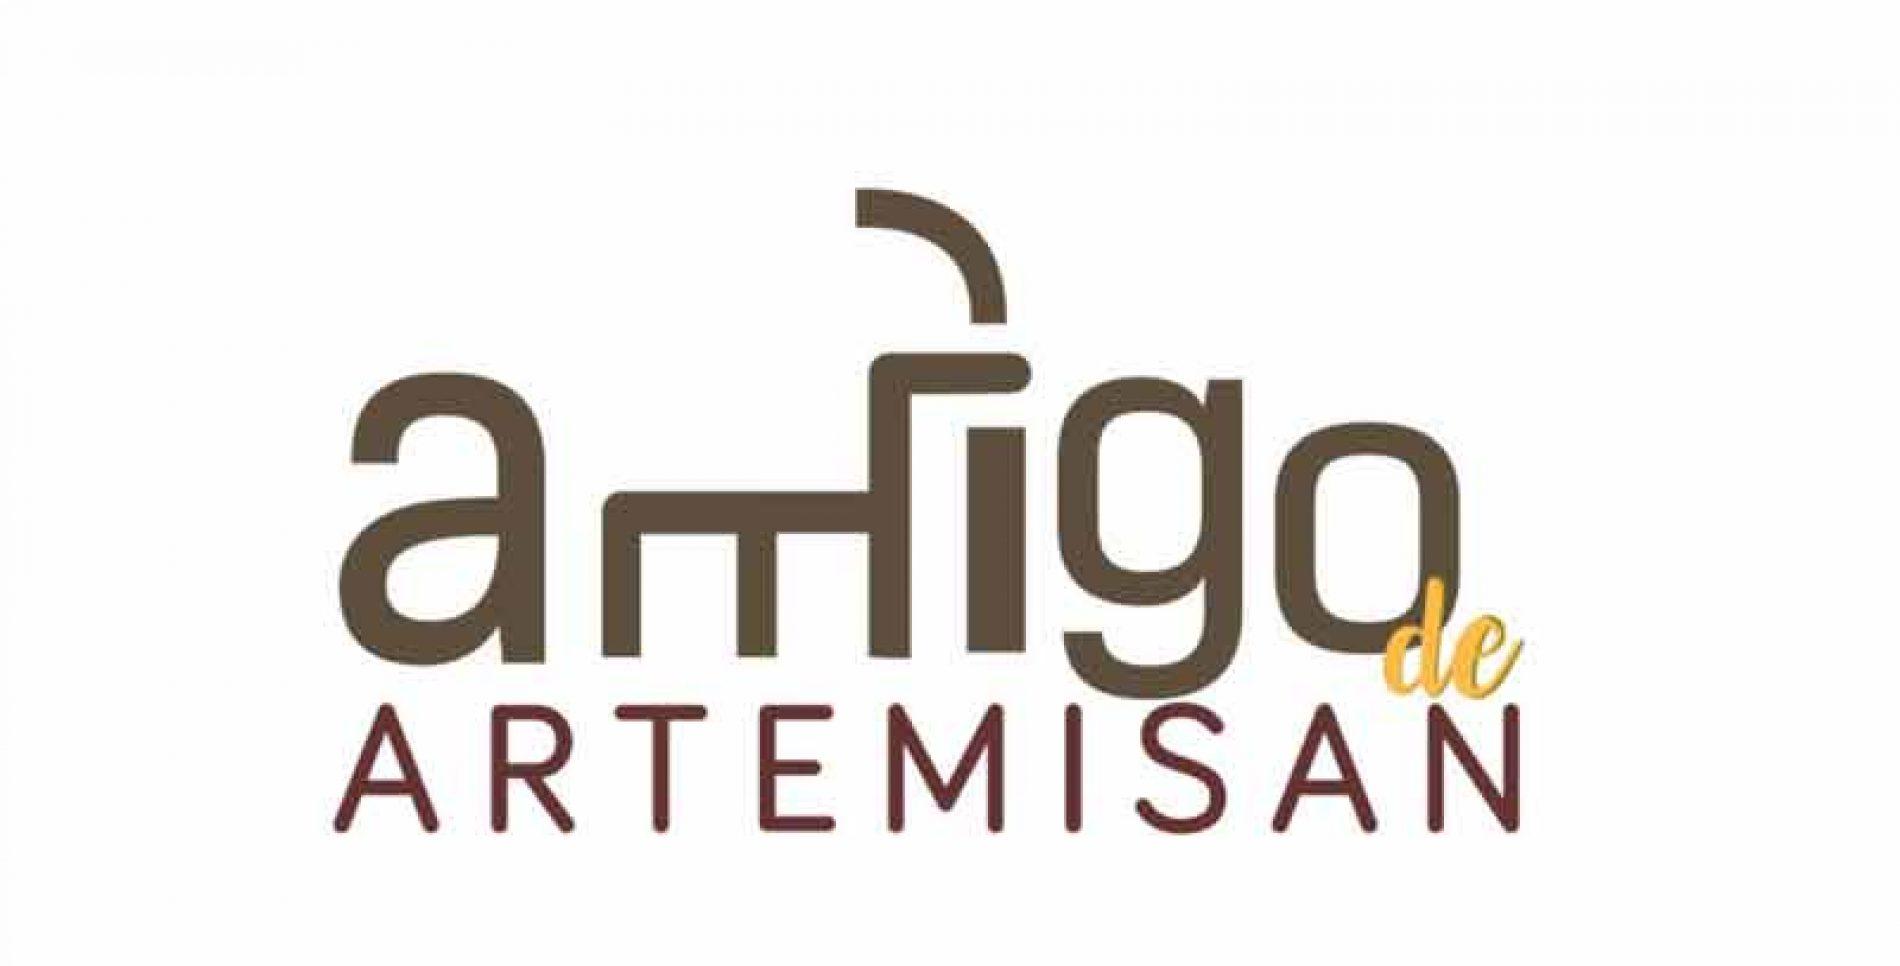 Apoya la investigación cinegética realizada por Artemisan con 5€/año